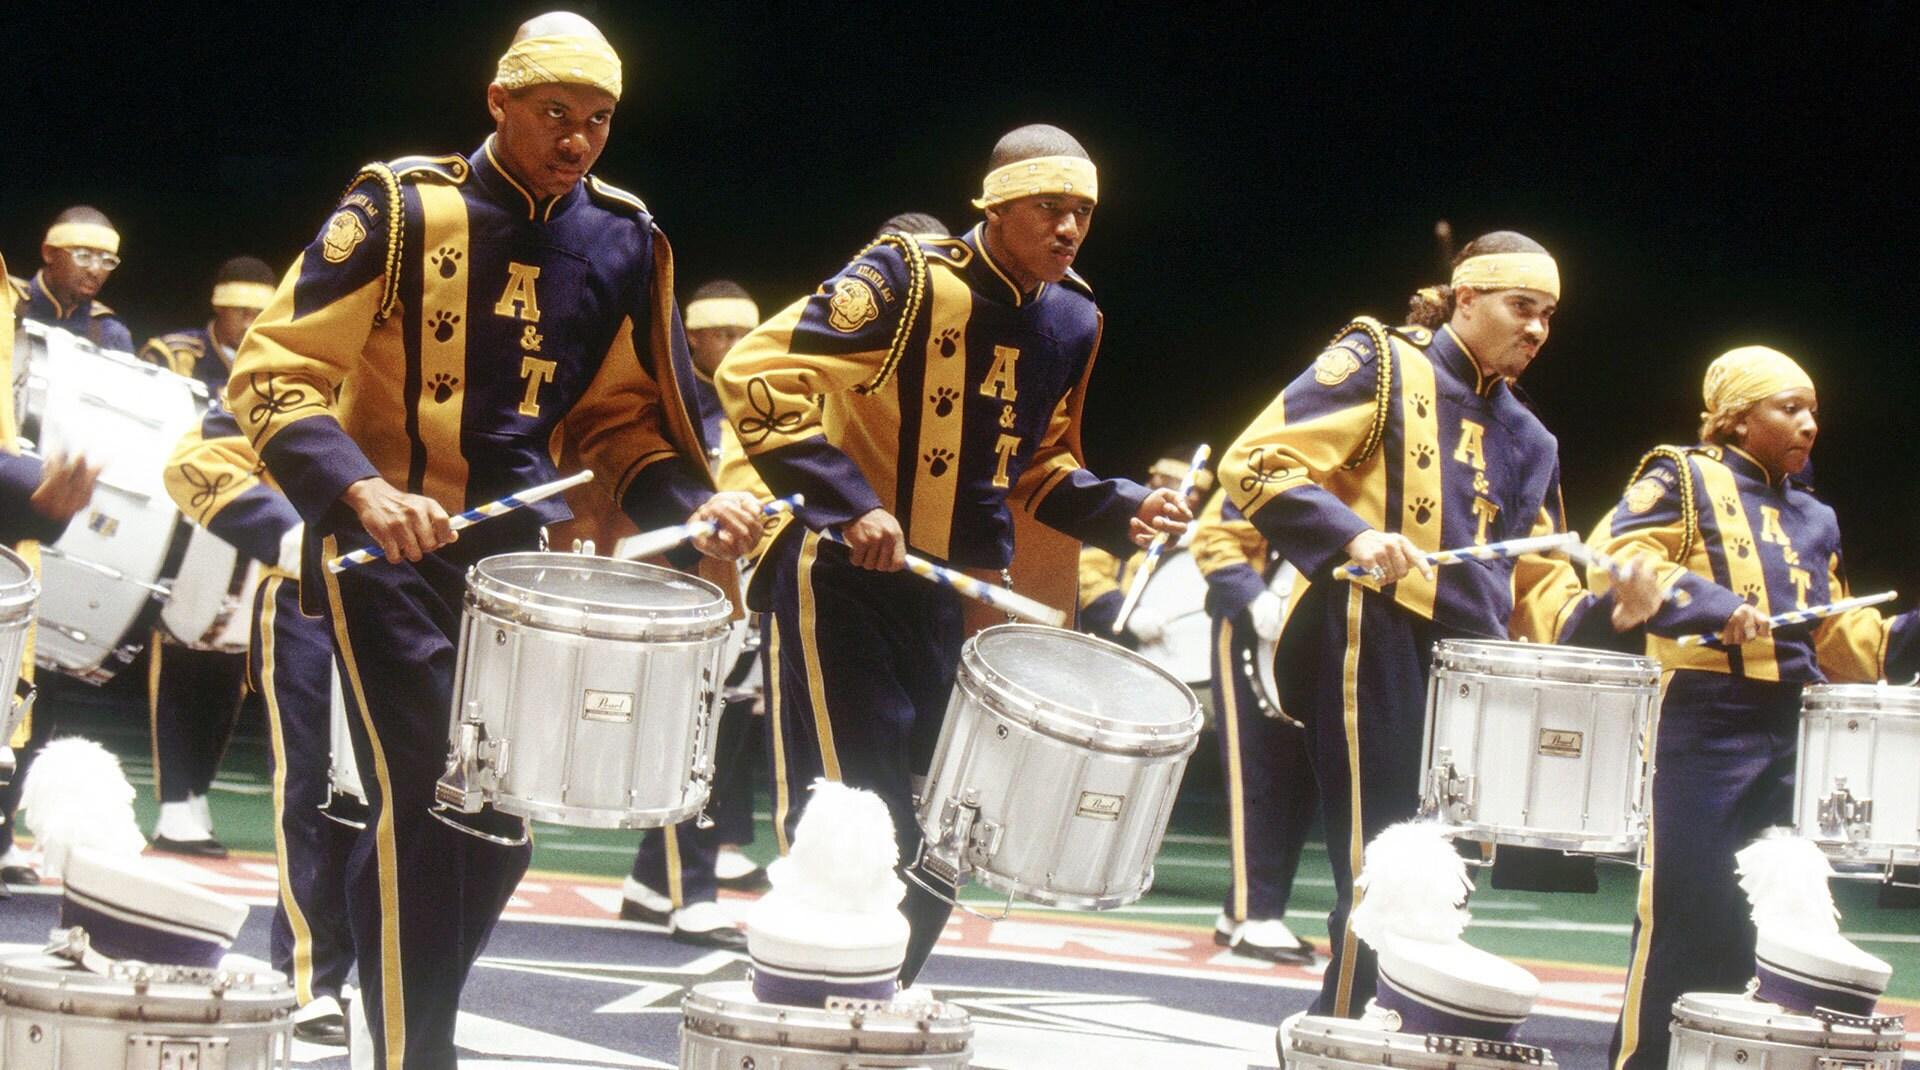 A still from Drumline